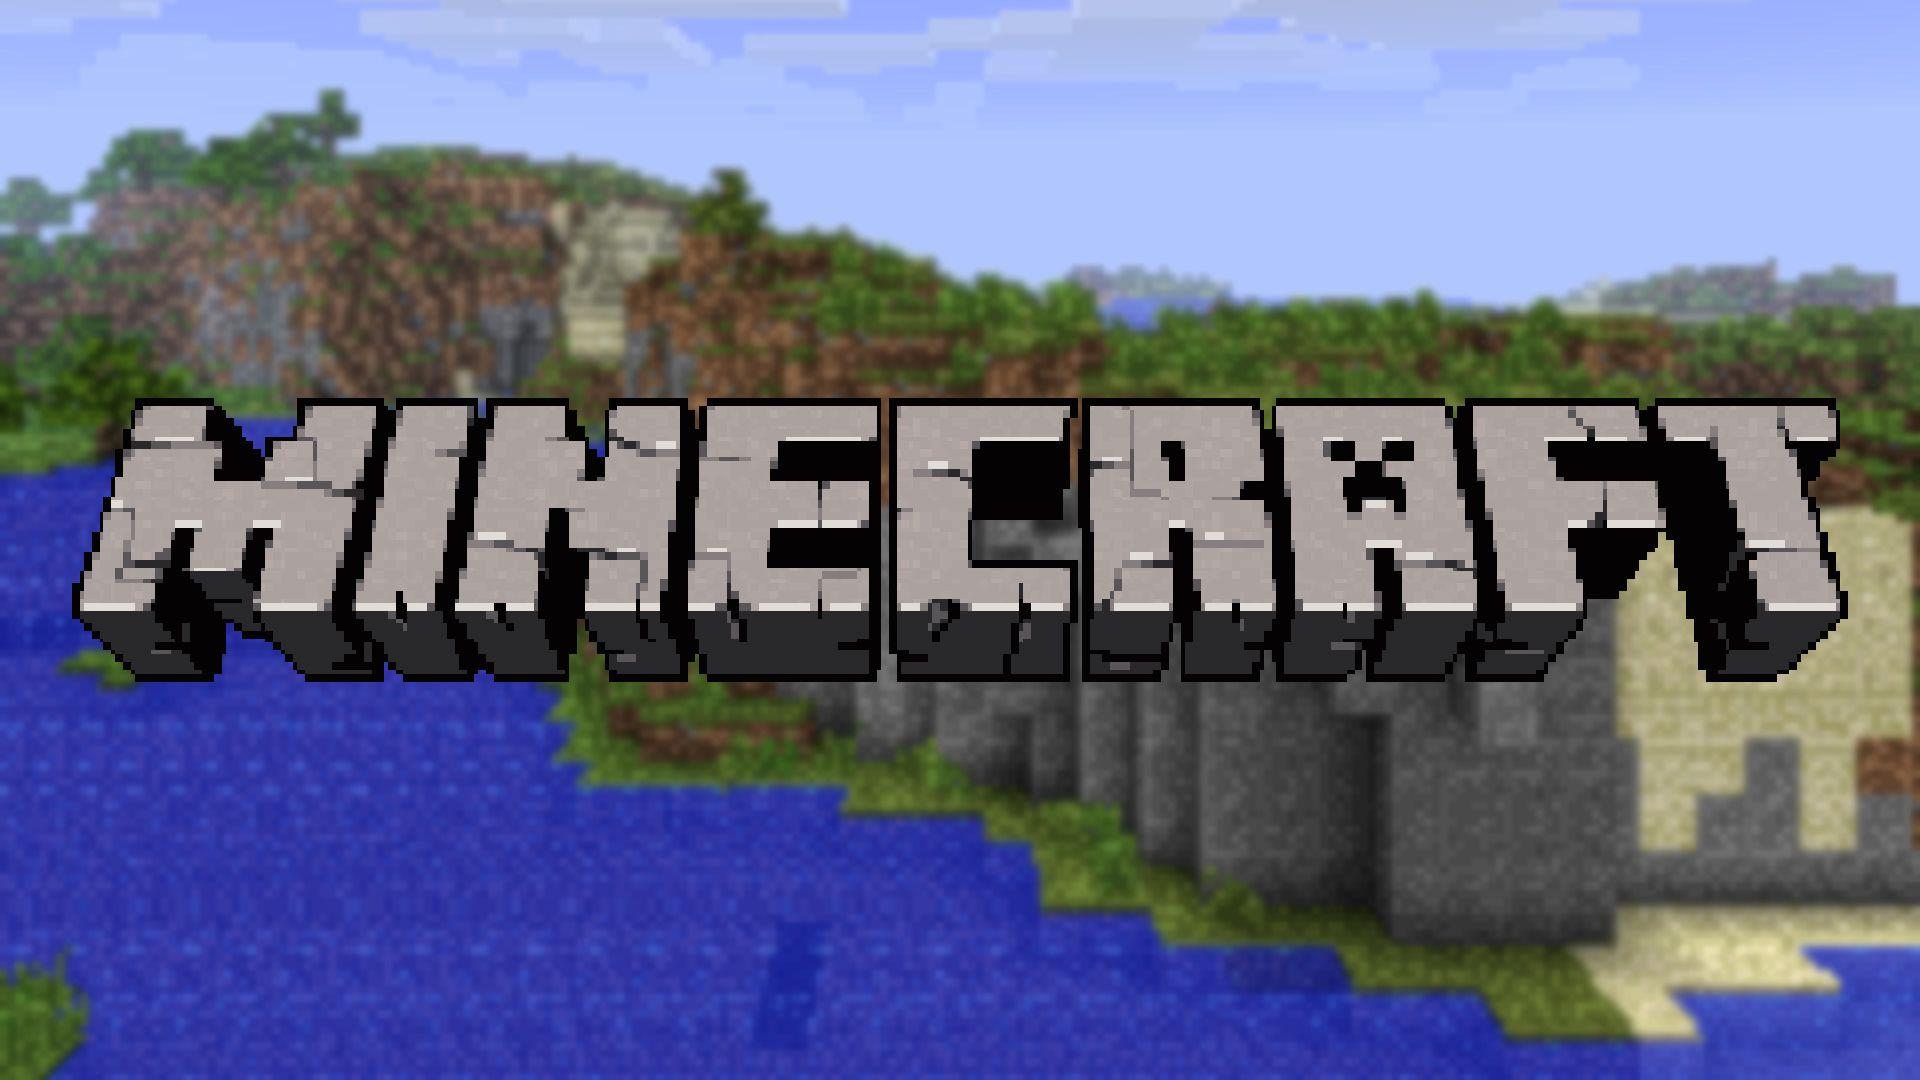 Besucht unsere Minecraft Server liste wir sind die gro?te Serverliste fur Minecraft Server. Tragt eure Minecraft Server bei uns ein! ihr werdet sehen wie euer Server mehr und mehr Spieler bekommen wird!.